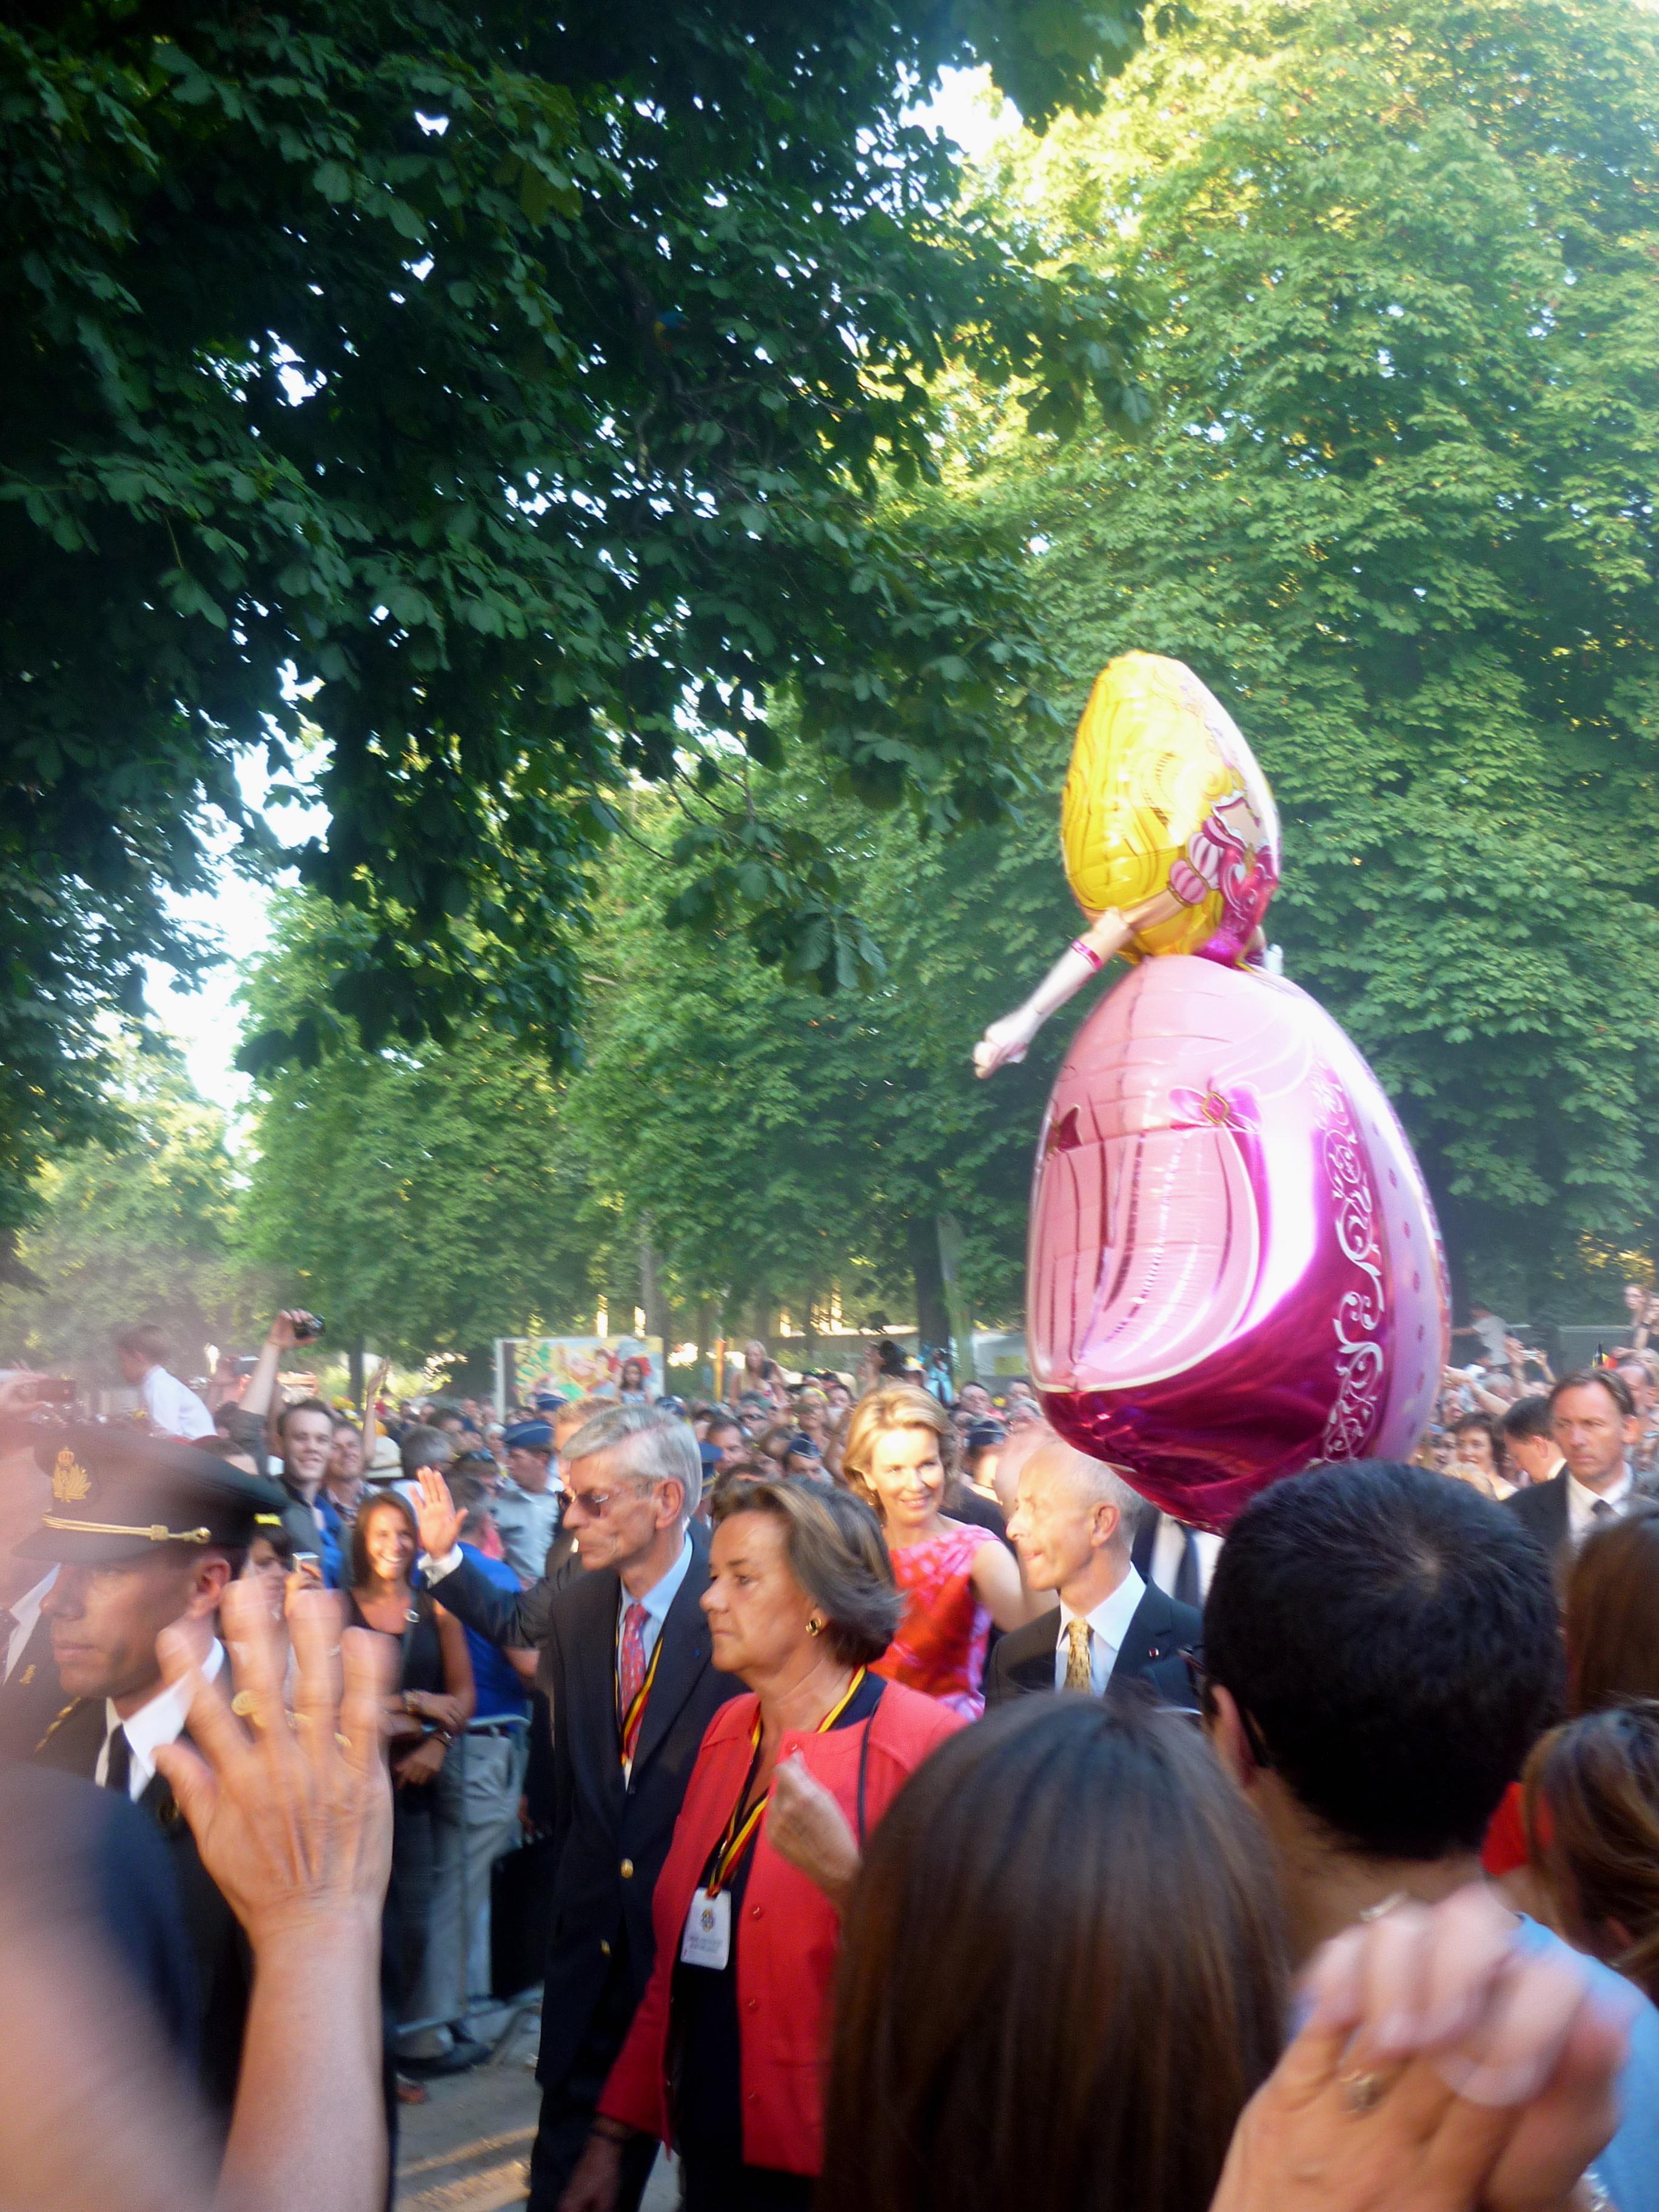 au centre se trouve la sublime Reine Mathilde, lors du bain de foule au parc royal